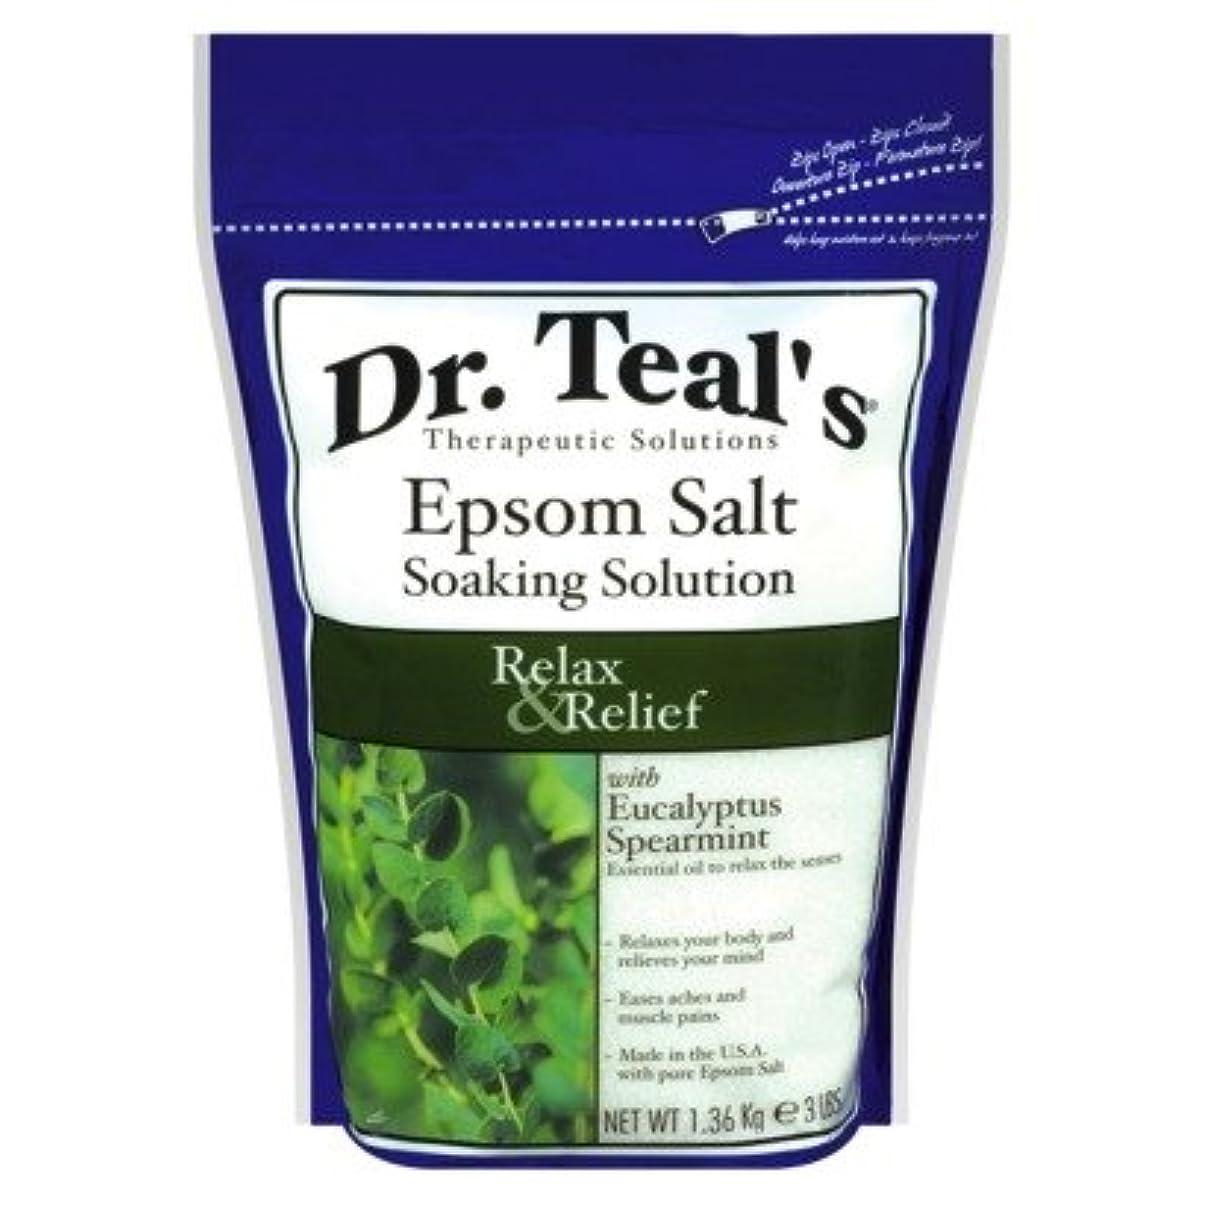 エール報告書達成する【海外直送】リラックス効果 Dr. Teal's Relax Epsom Salt Eucalyptus Spearmint Soaking Solution ユーカリ&スペアミント 1.36kg